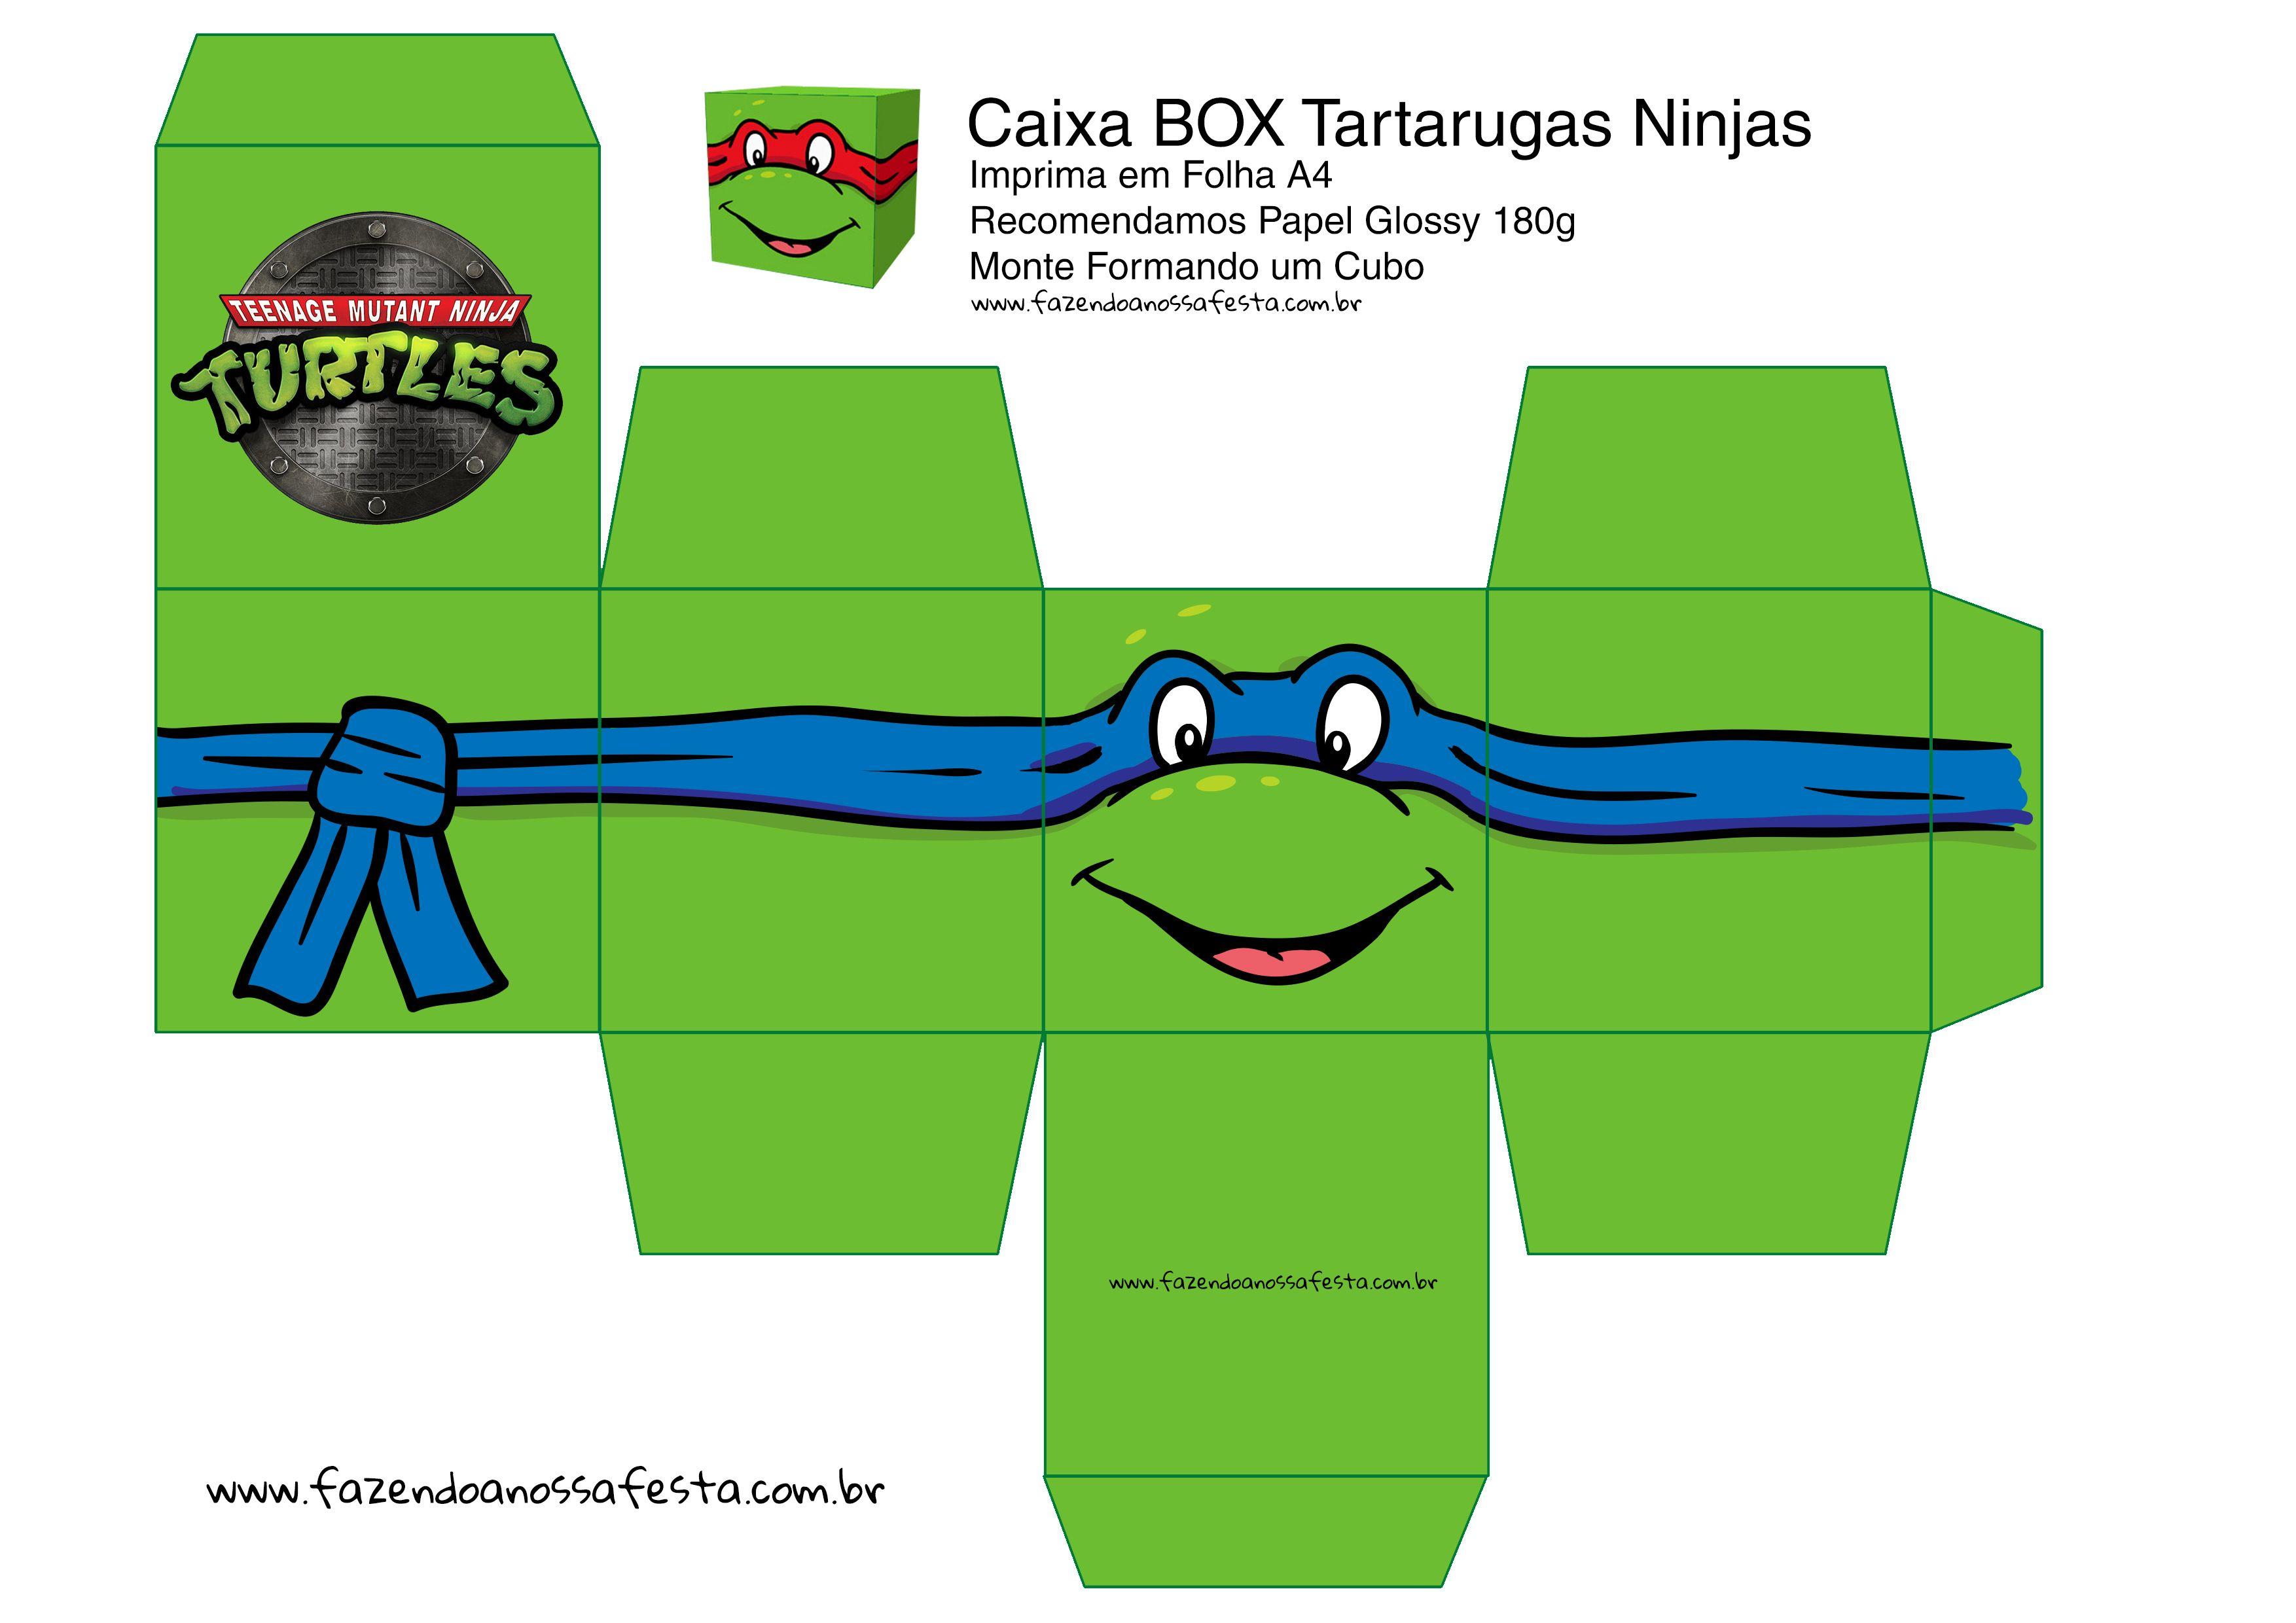 Leonardo Caixa Box Quadrada Tartaruga Ninjas Tartarugas Ninjas